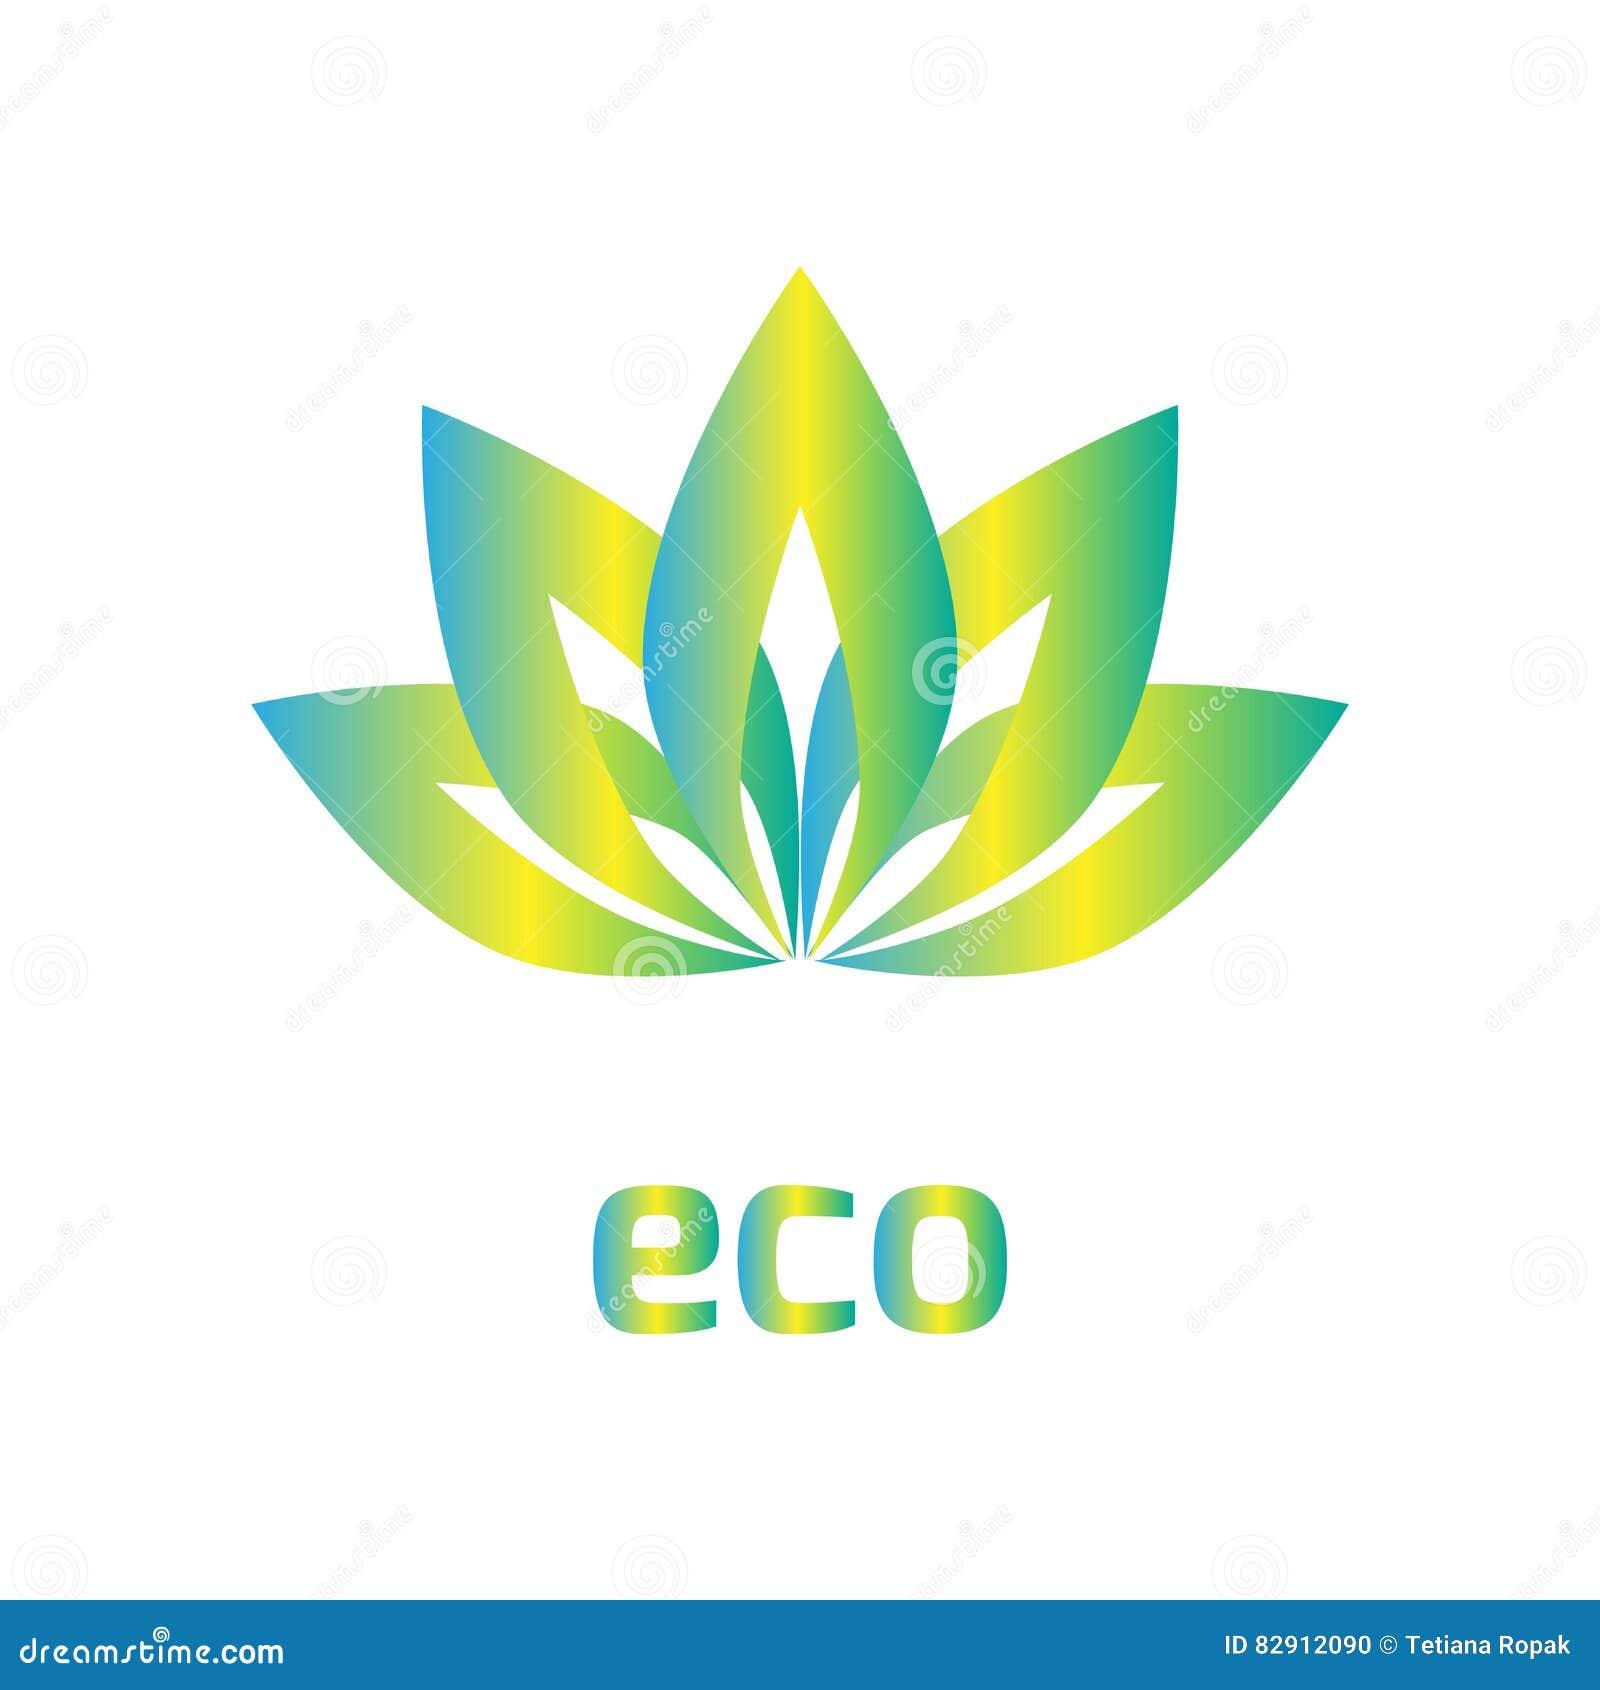 Знак цветка, логотип, лист перекрытия, предпосылка значка eco, иллюстрация вектора, Eps 10, элемент дизайна, геометрический симво